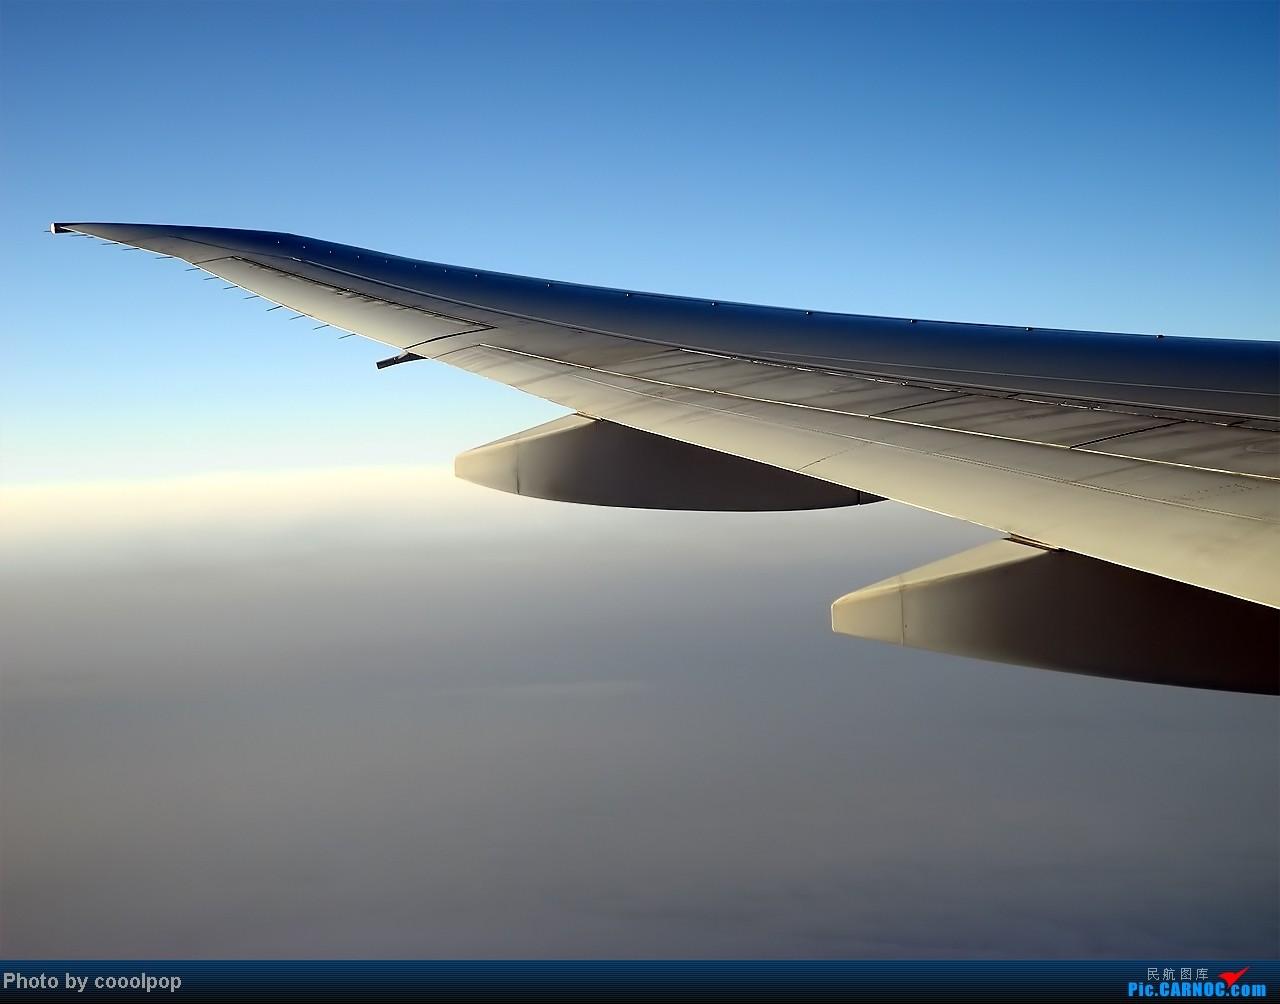 Re:[原创]老飞EK了,有点腻了 哈哈哈!上次北京飞迪拜来点图吧!